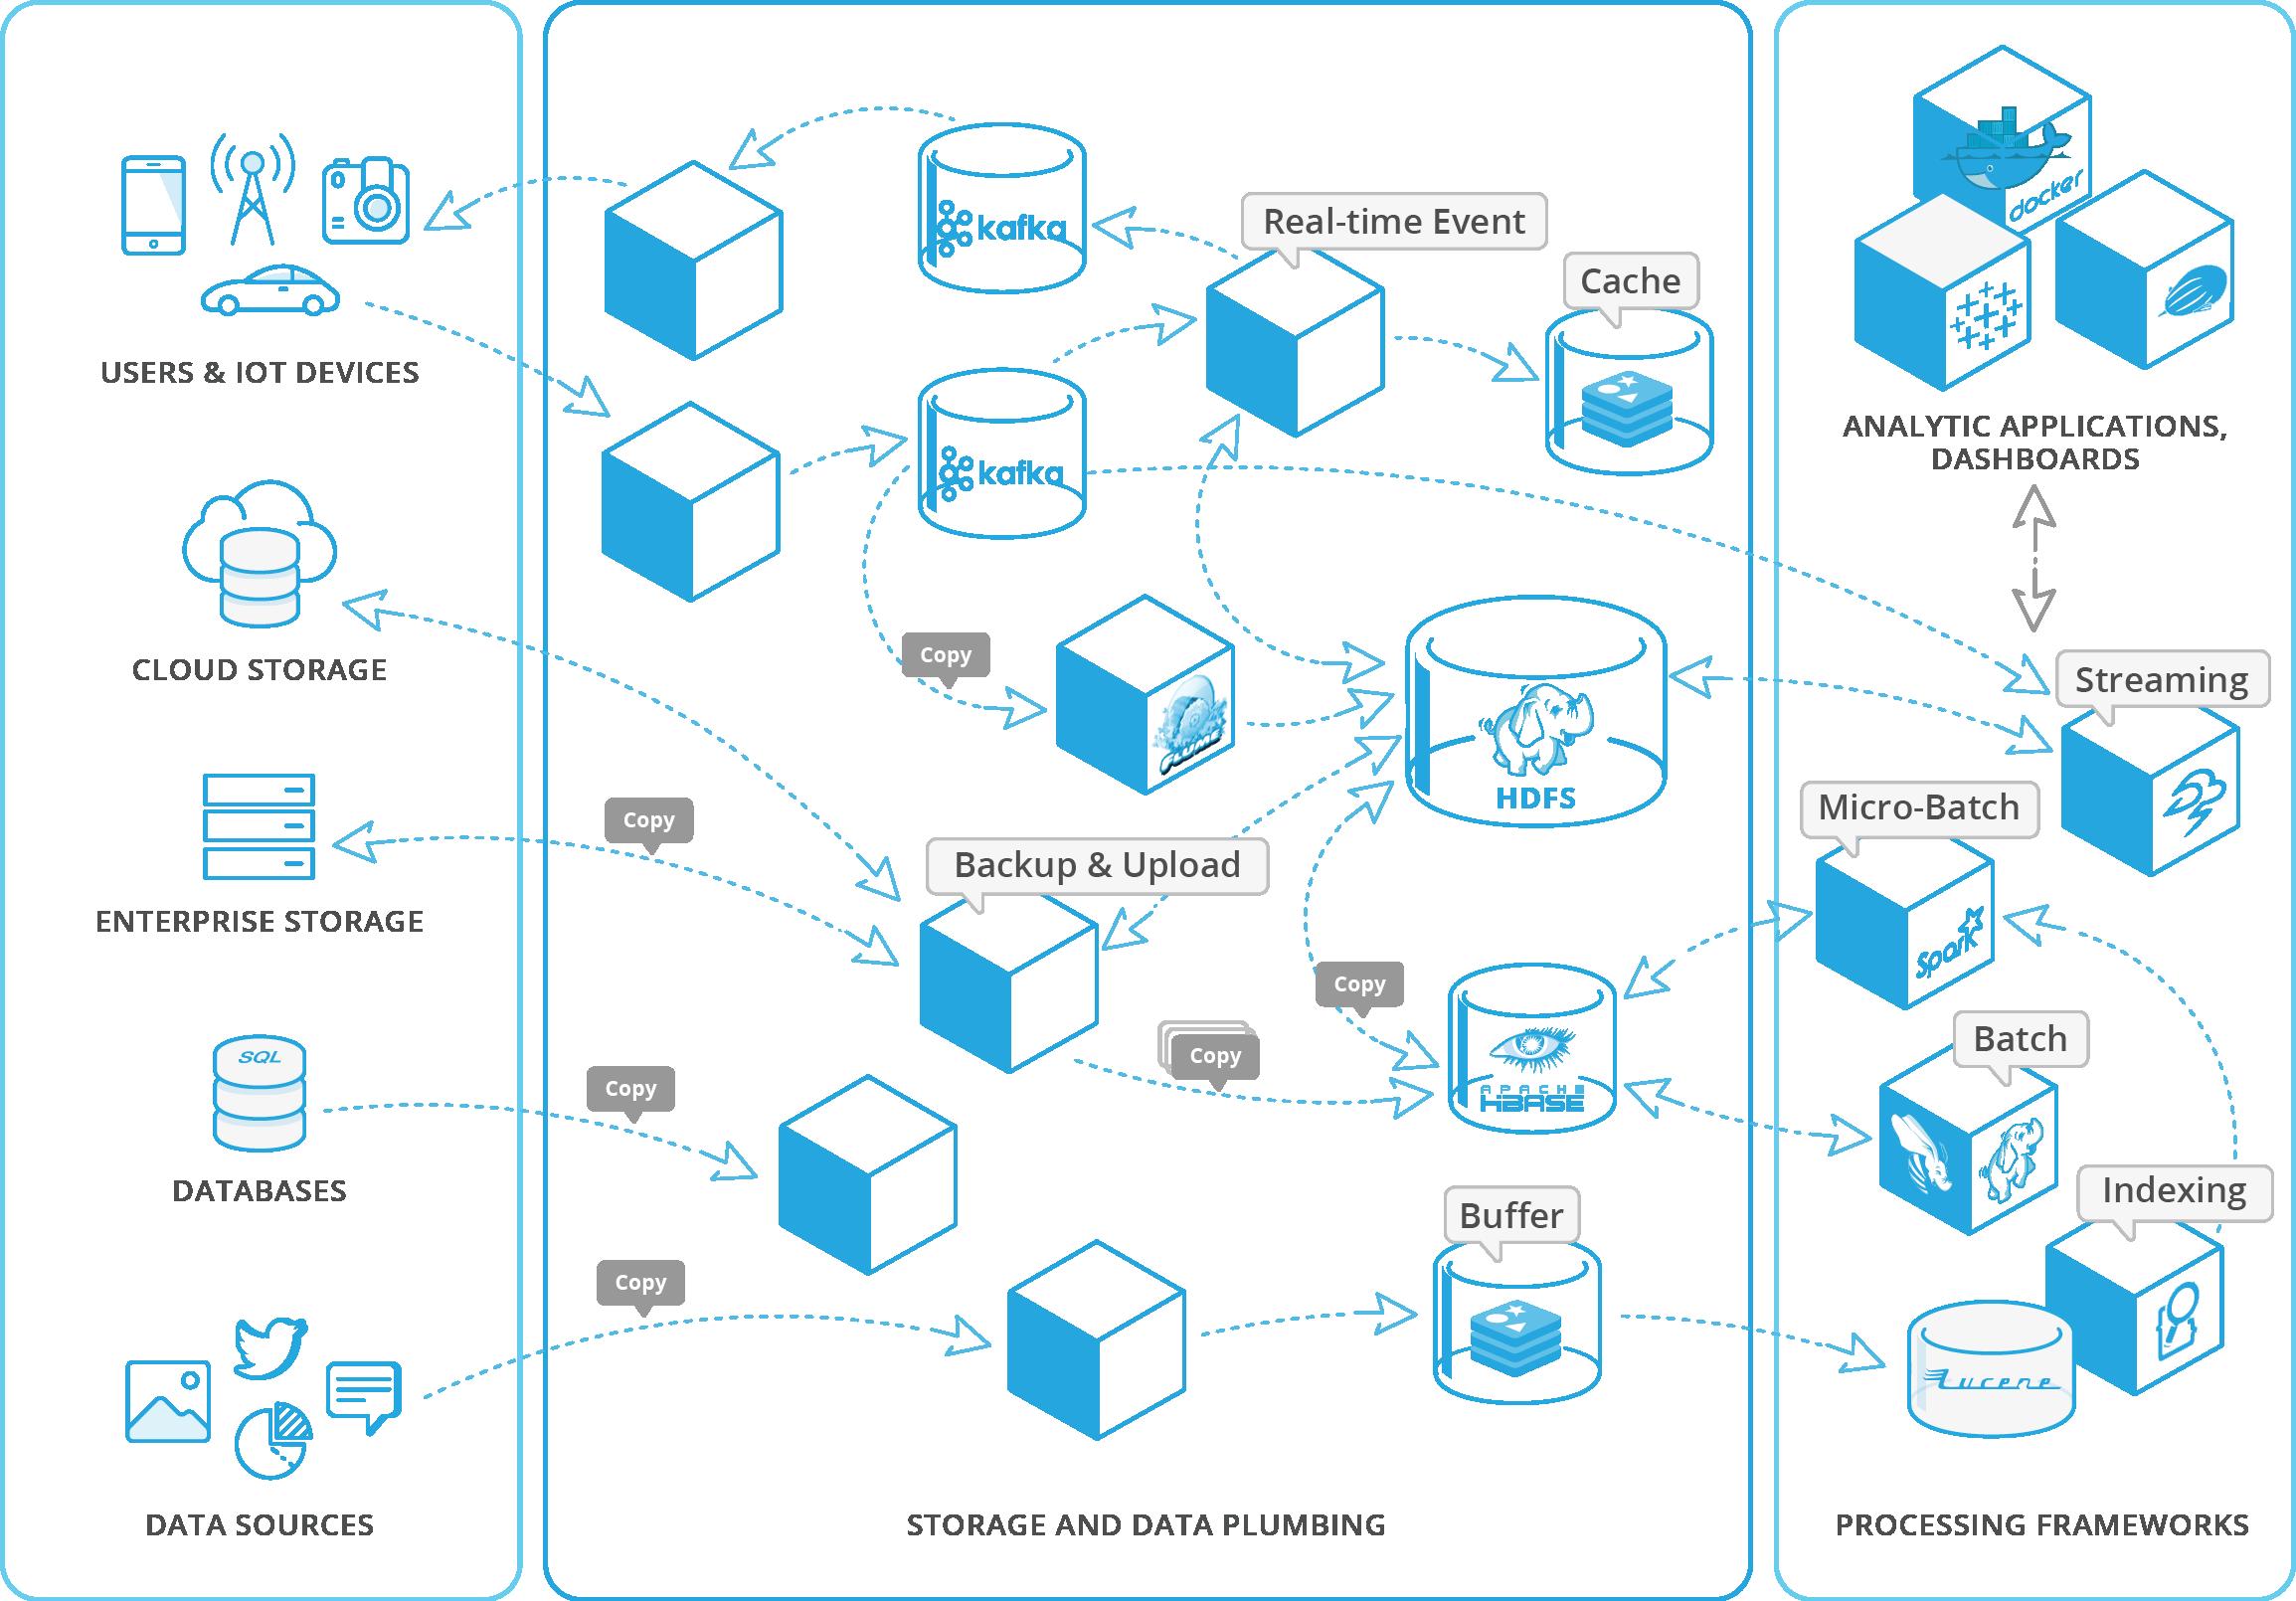 构建高可用数据流涉及众多大数据中间件 来源:www.iguazio.com